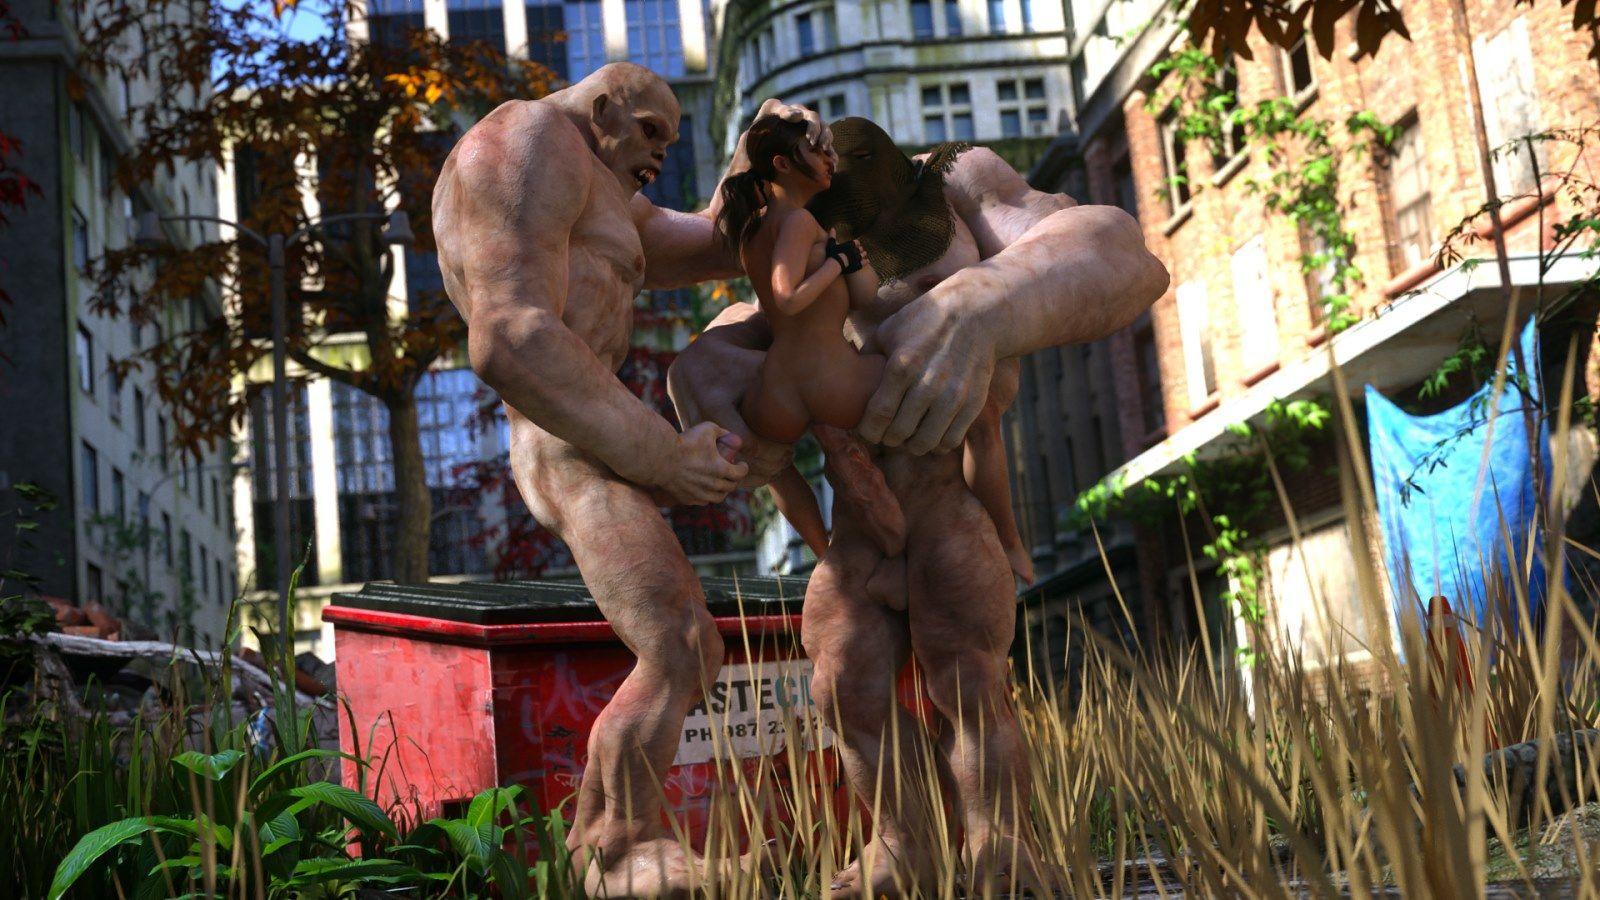 mutant-dick-porn-sex